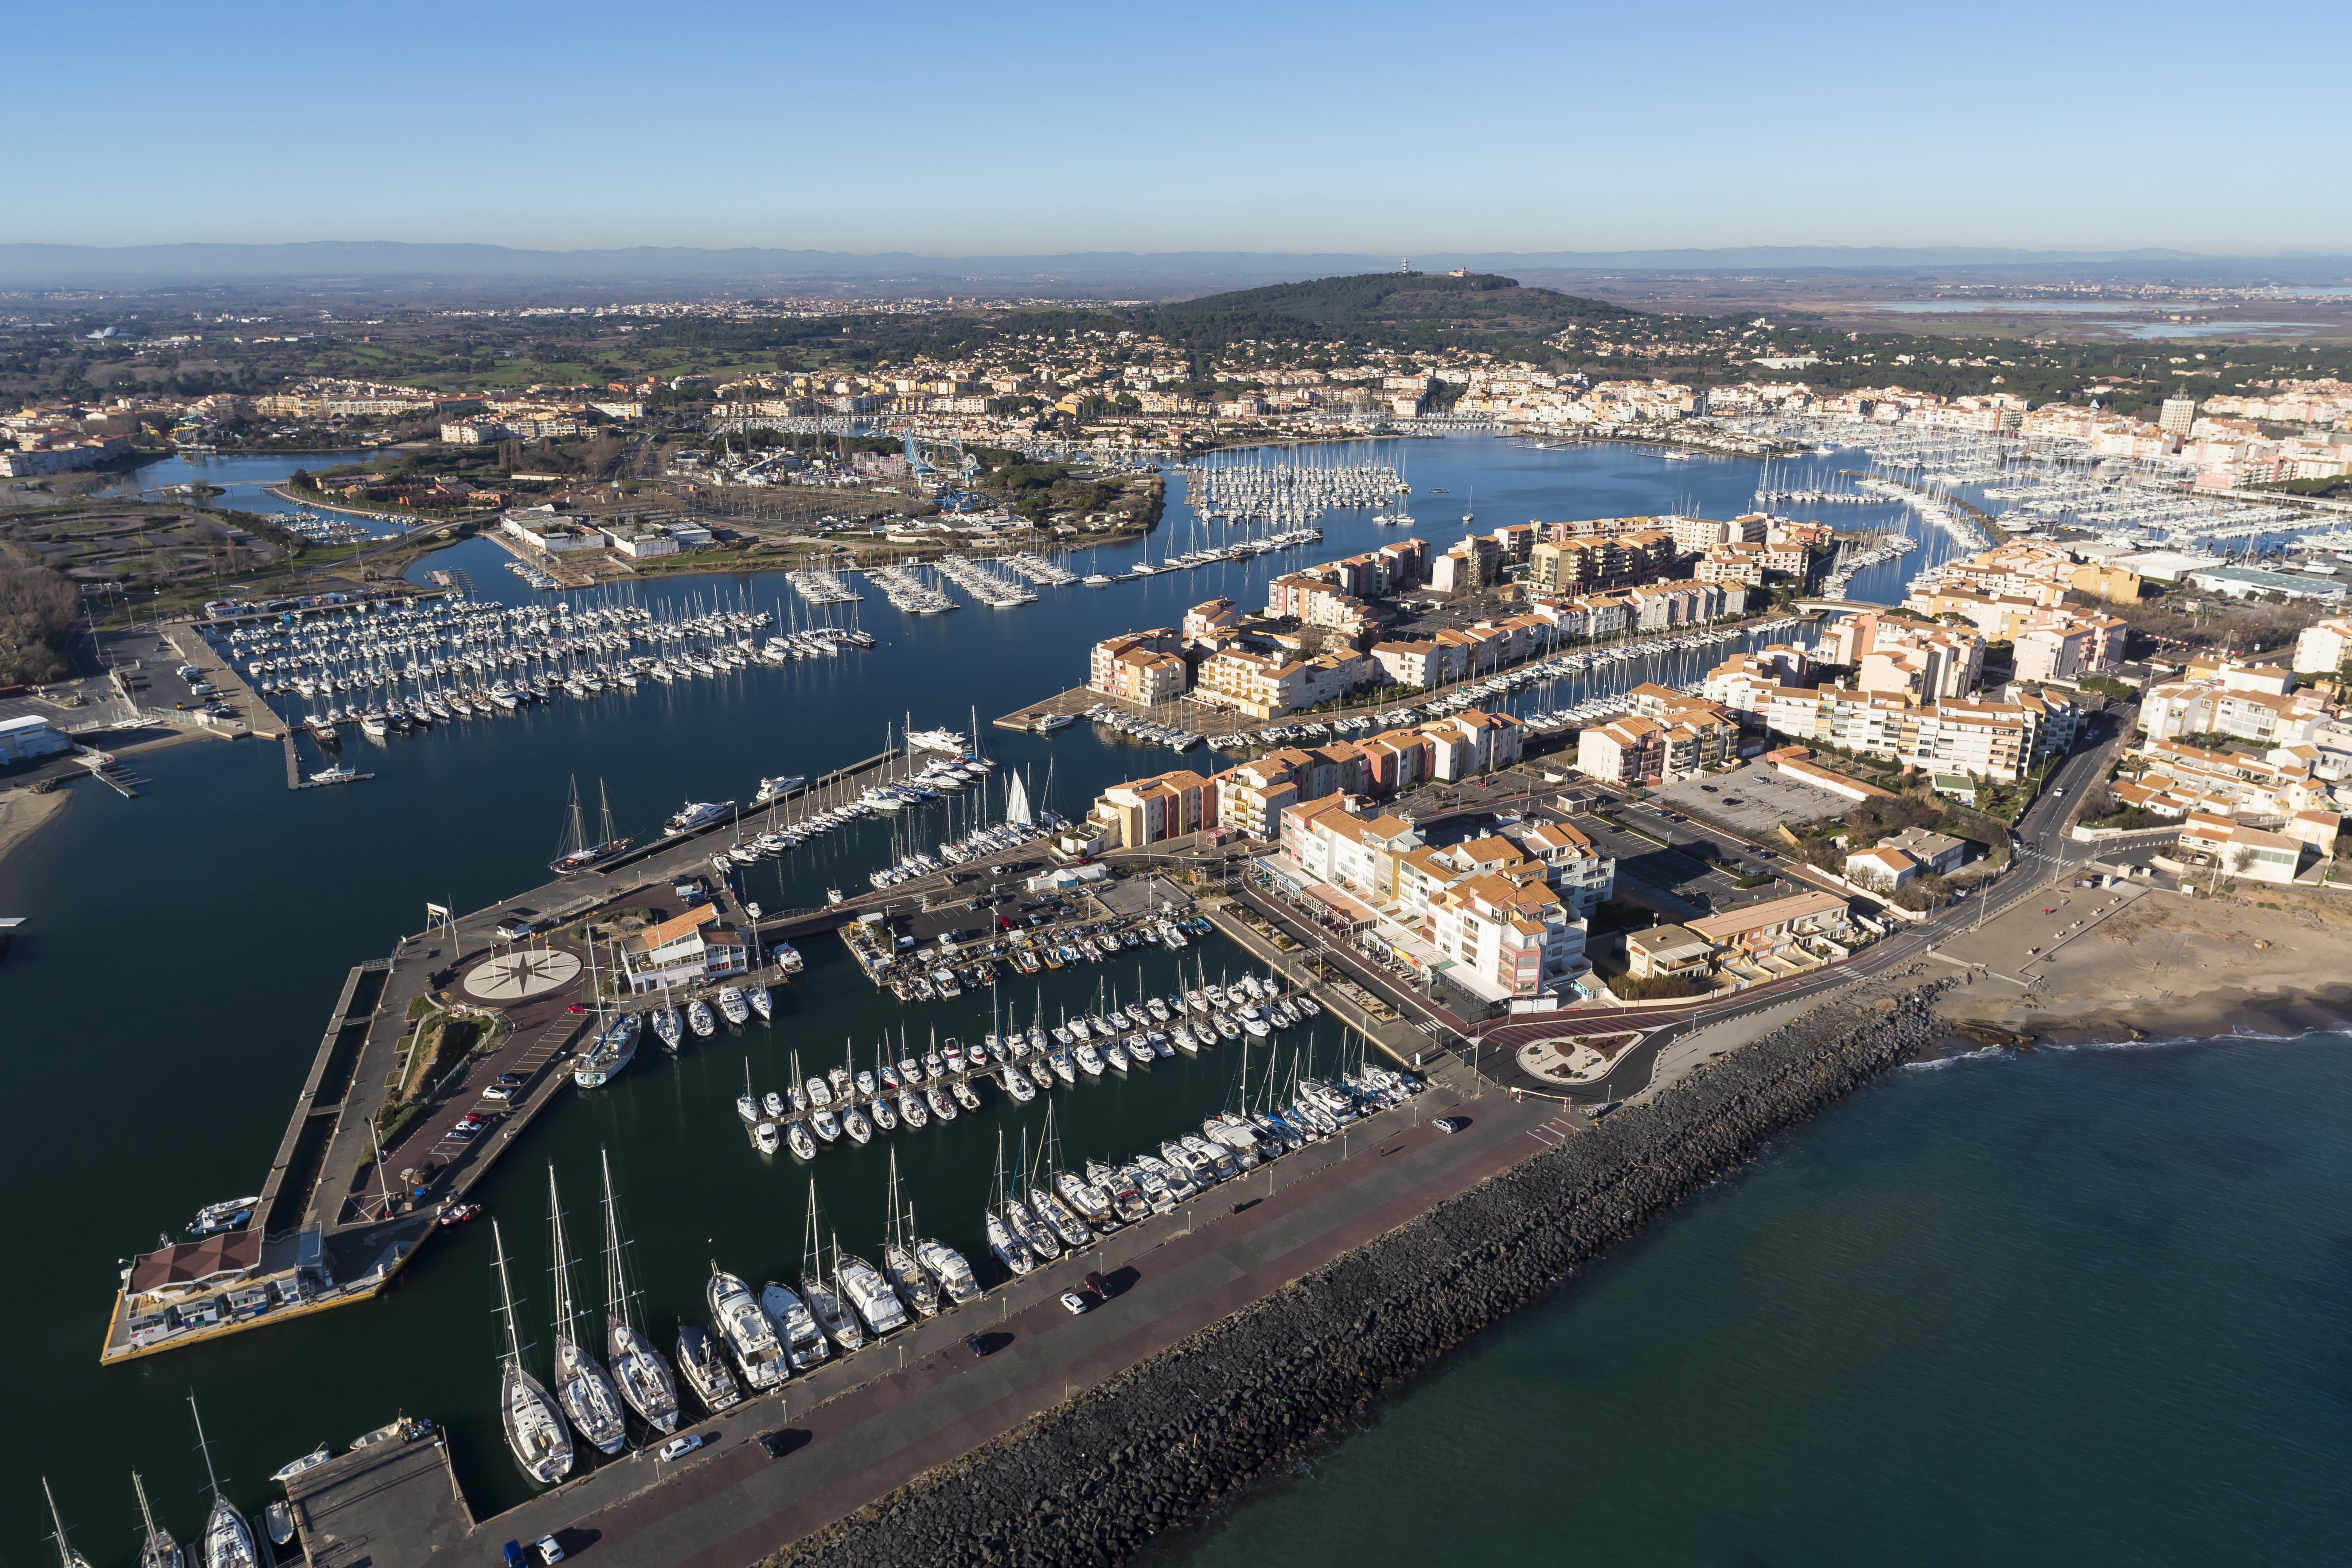 Vue aérienne Cap-d'Agde - Le port